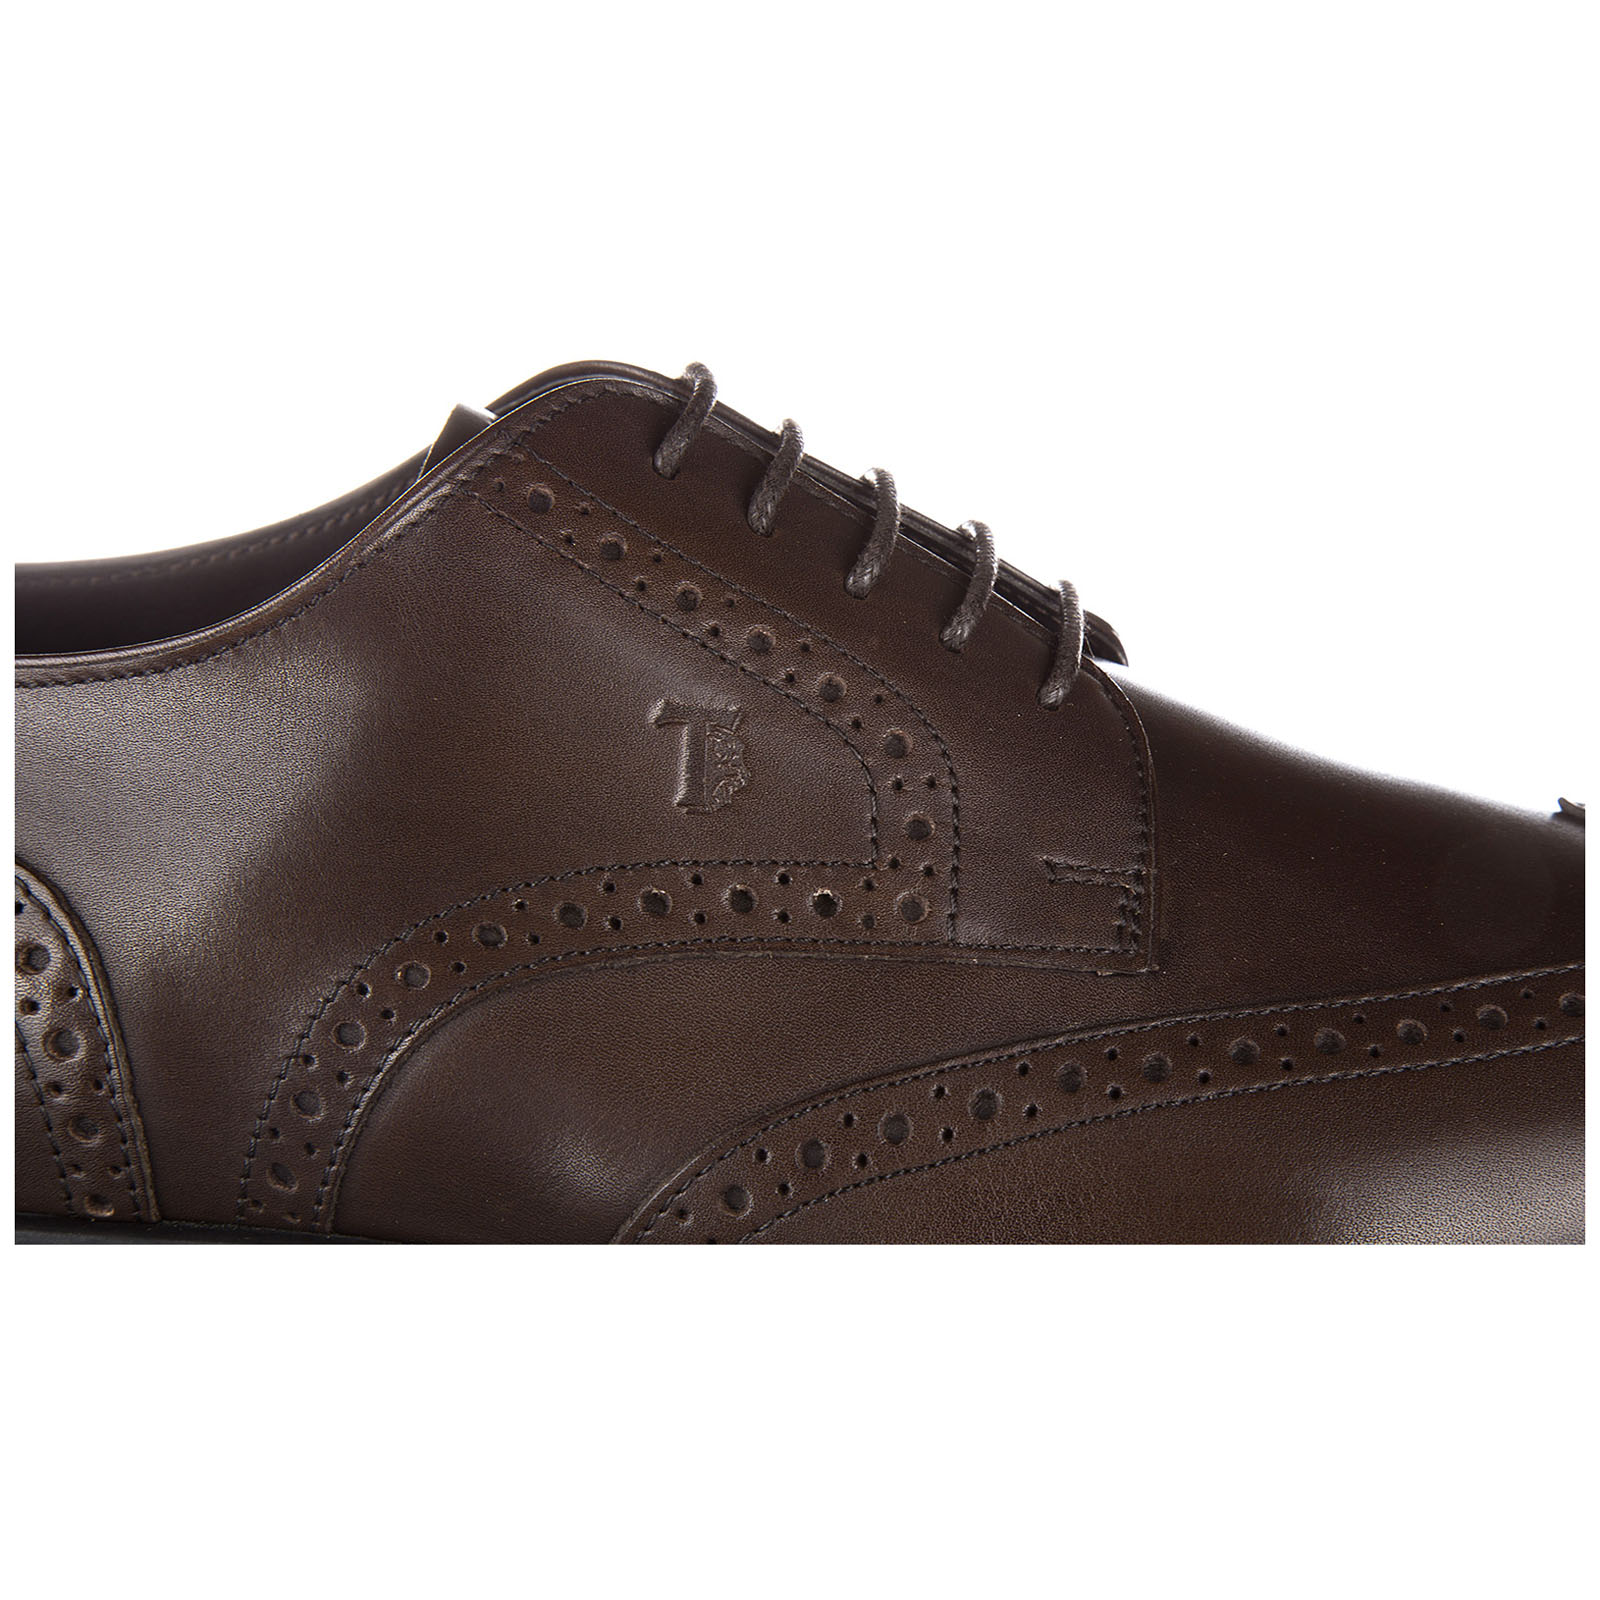 Chaussures à lacets classiques homme en cuir derby bucature